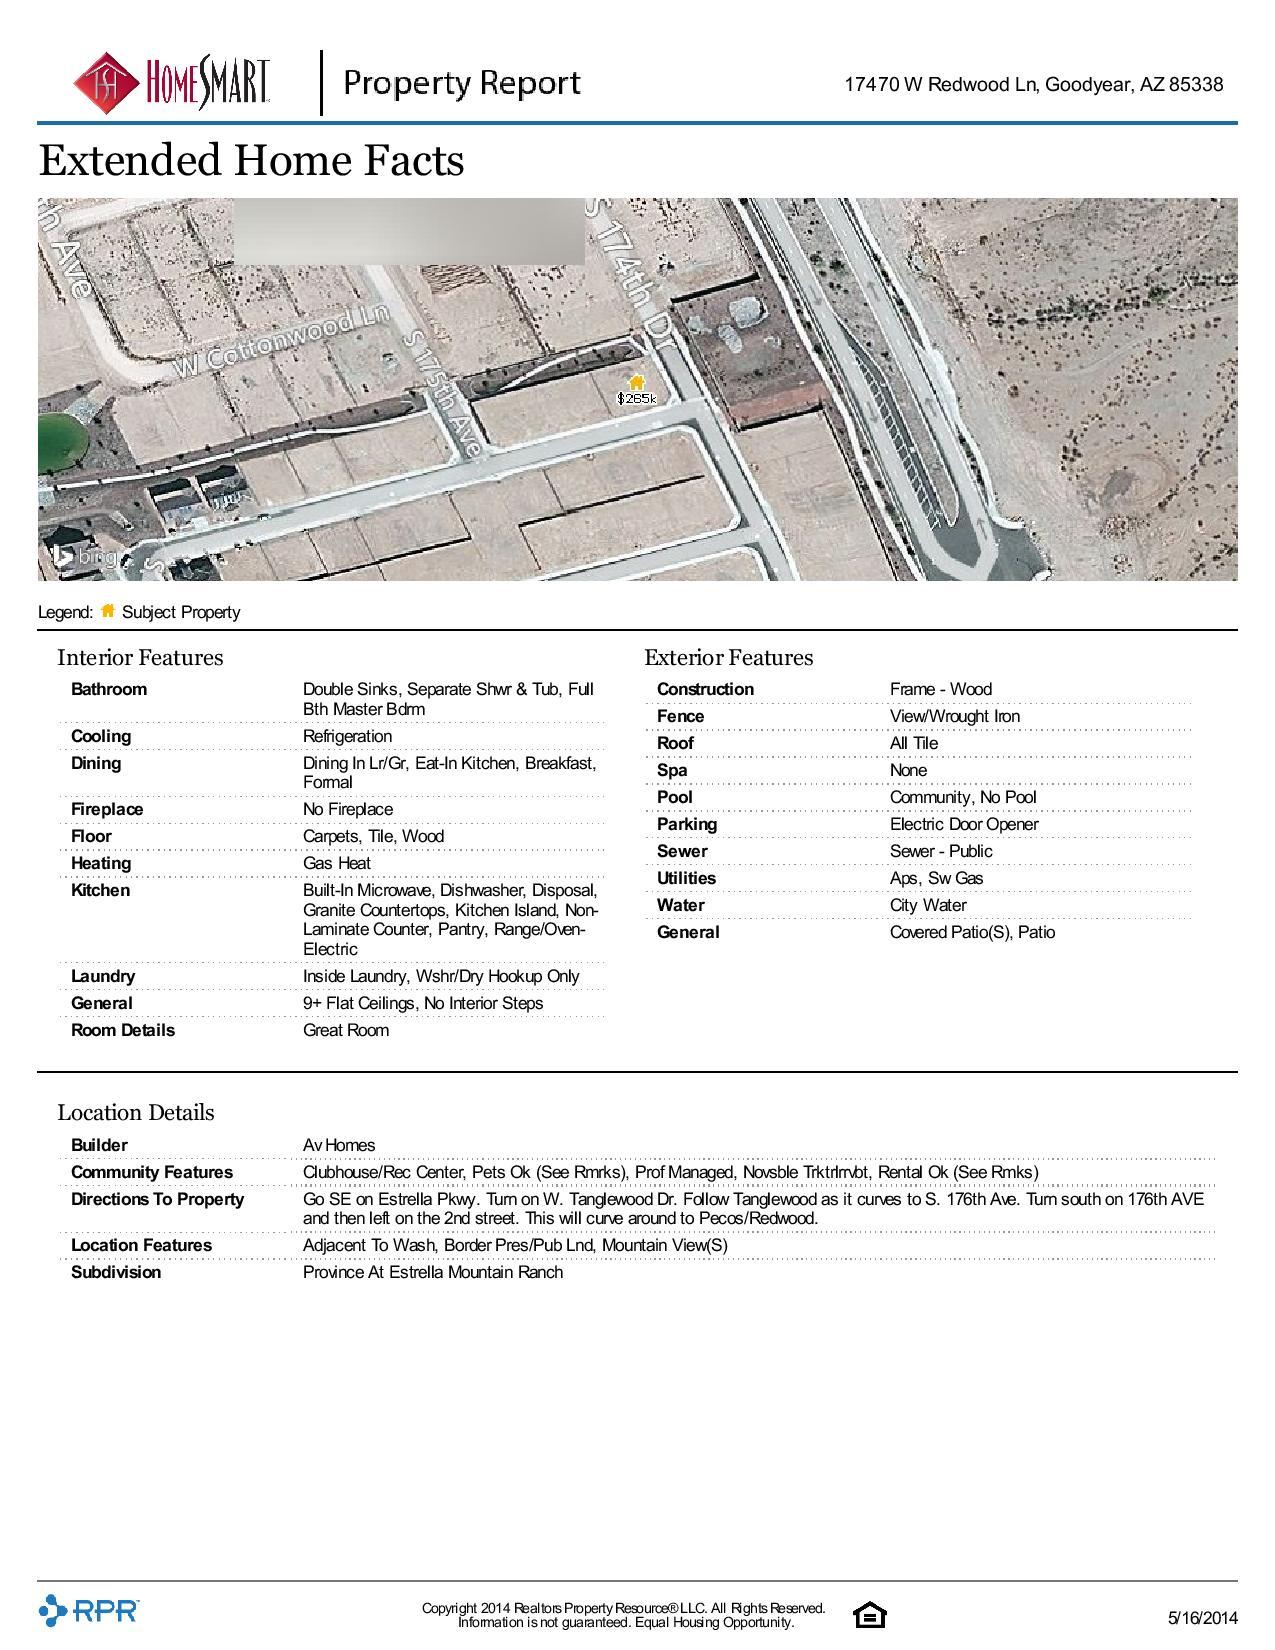 17470-W-Redwood-Ln-Goodyear-AZ-85338-page-004